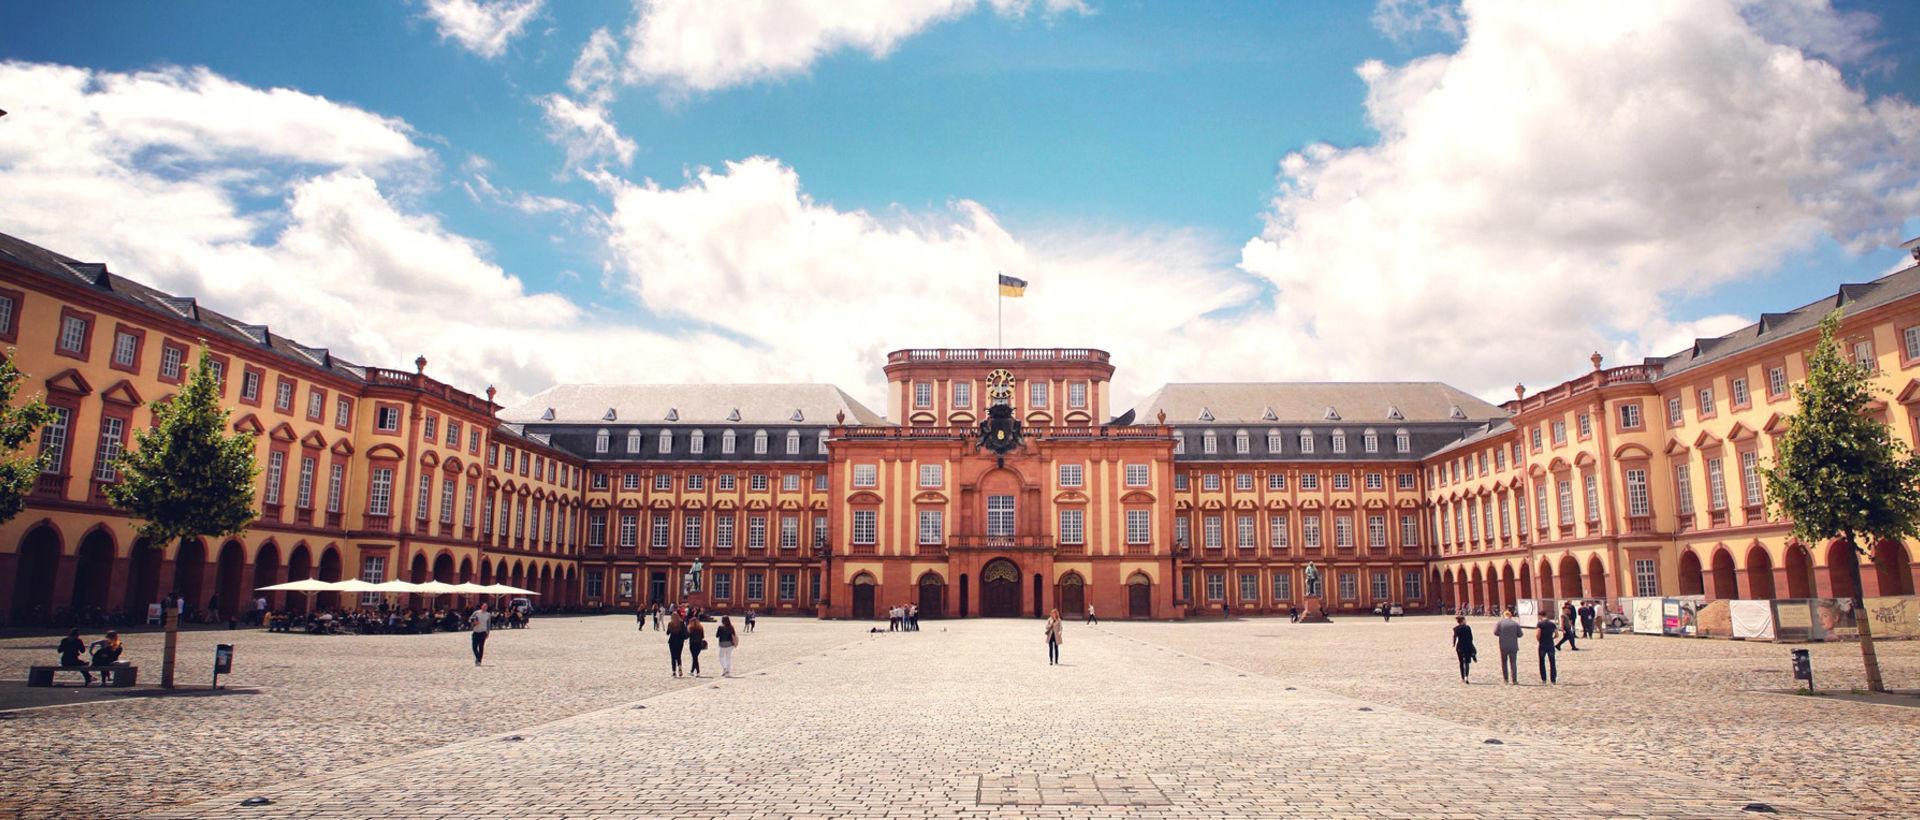 Expérience Erasmus à Mannheim, en Allemagne par Muirne